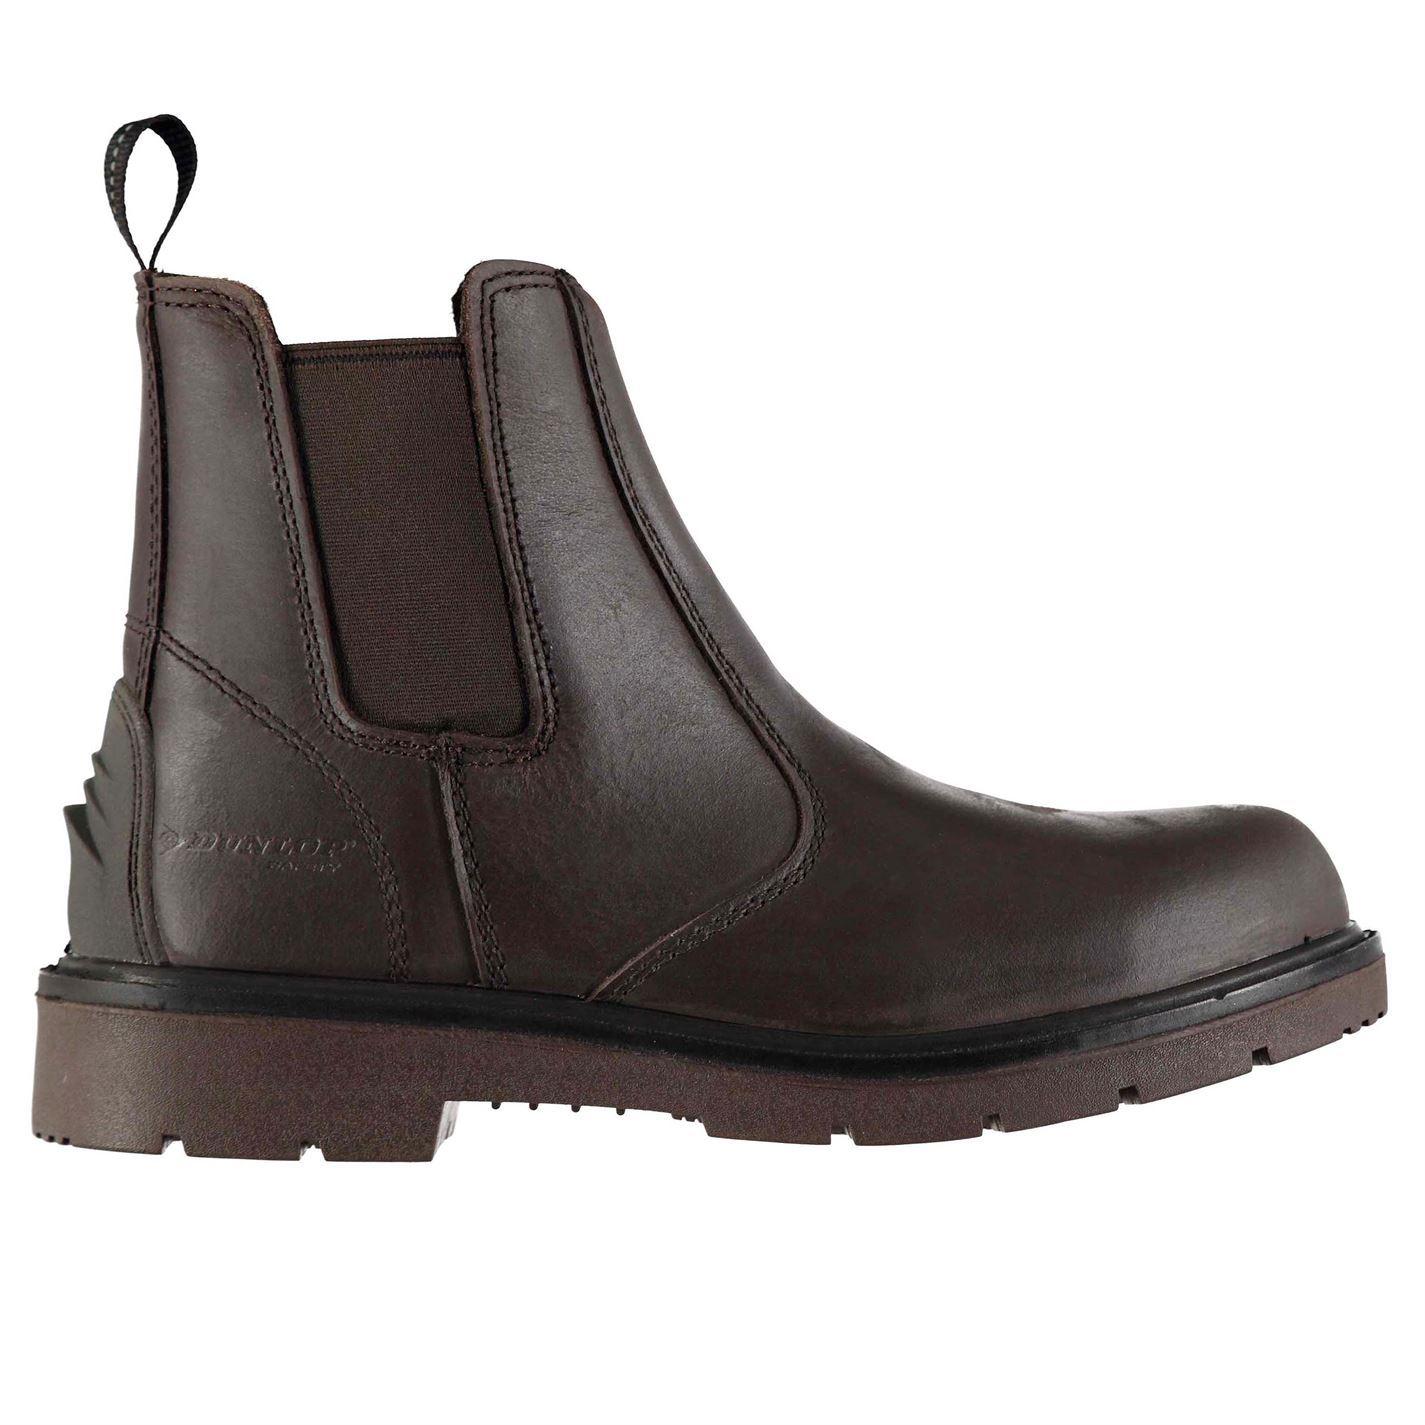 Arbeitskleidung & -schutz Schuhe & Stiefel Angemessen Dunlop Pricemastor Gummistiefel Arbeitsstiefel Boots Stiefel Schwarz Gr.44